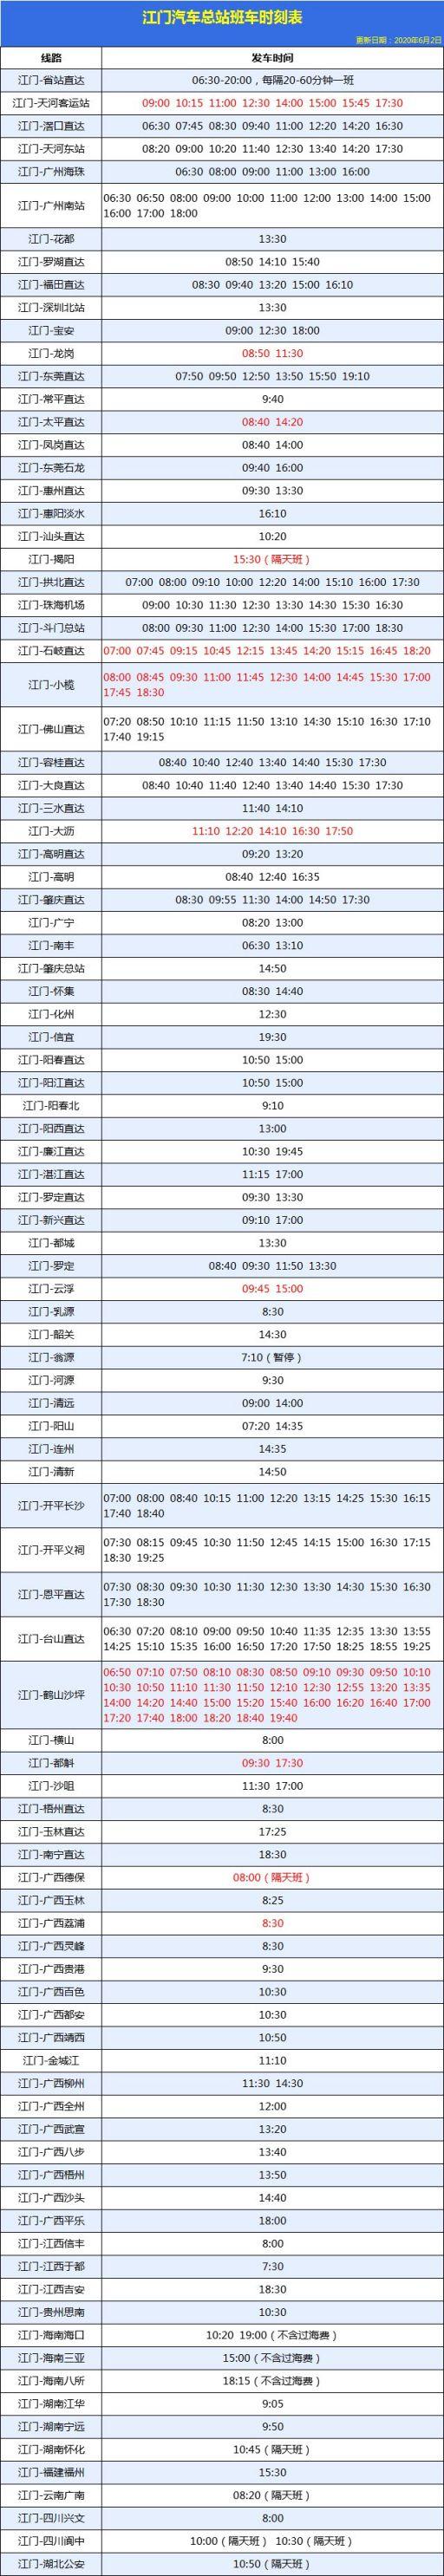 江门汽车总站班车时刻表(更新日期:2020年6月2日)